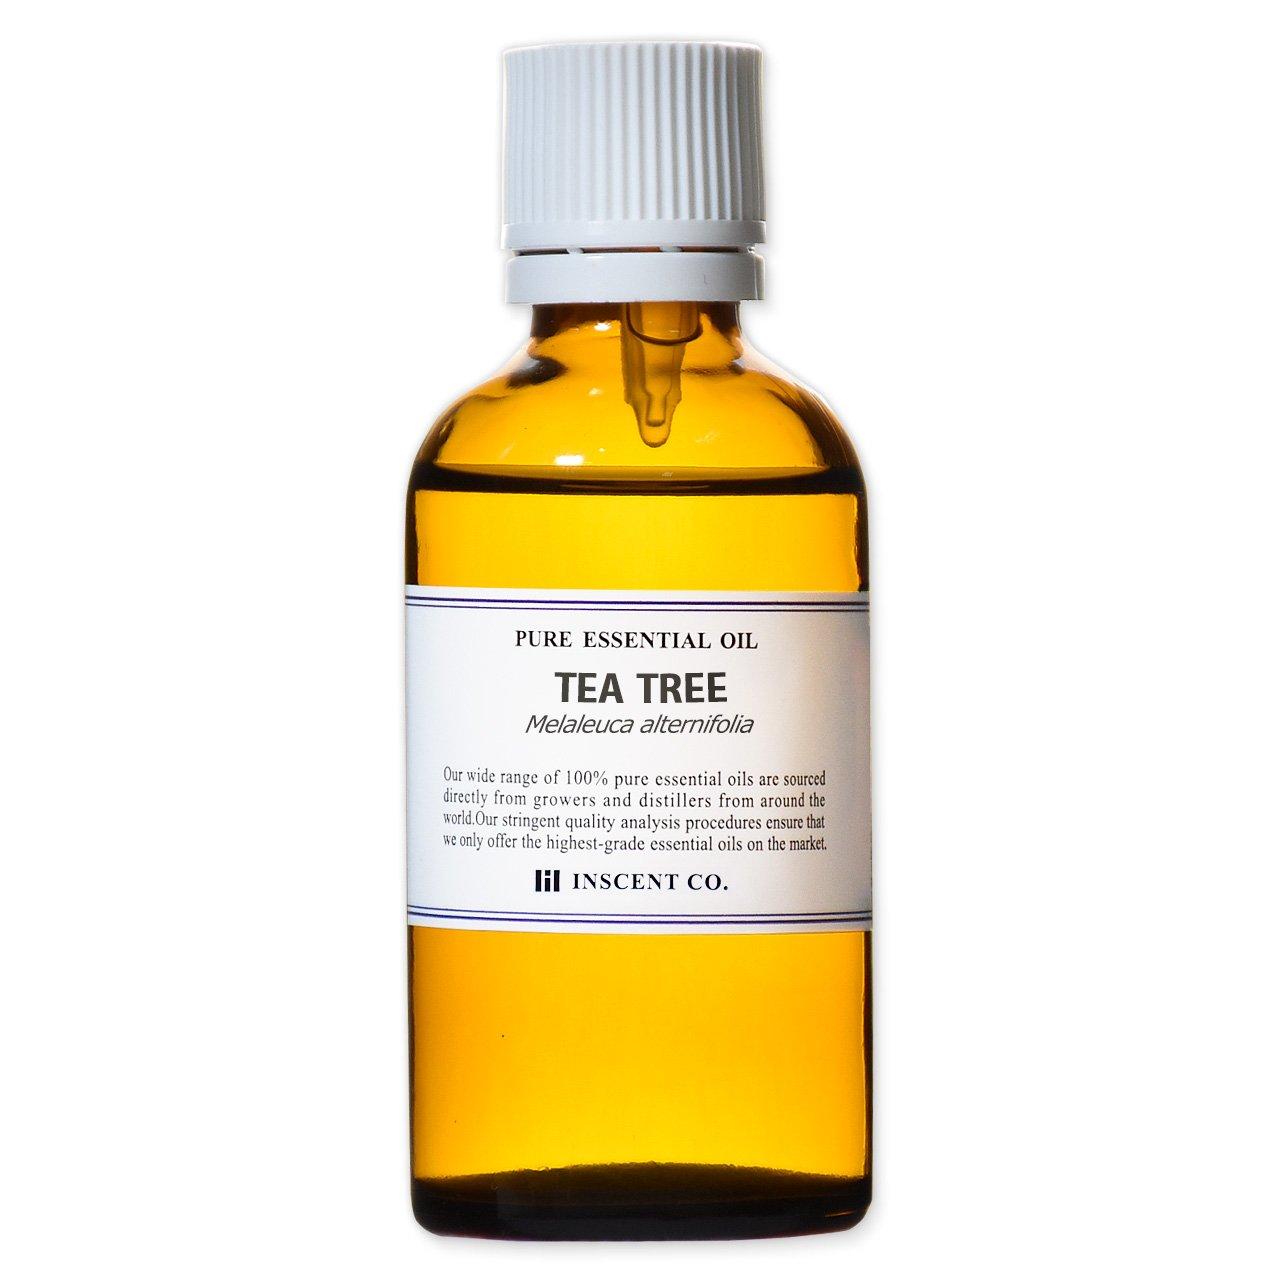 アロマで梅雨のジメジメ対策。初夏におすすめの香りと使い方を紹介